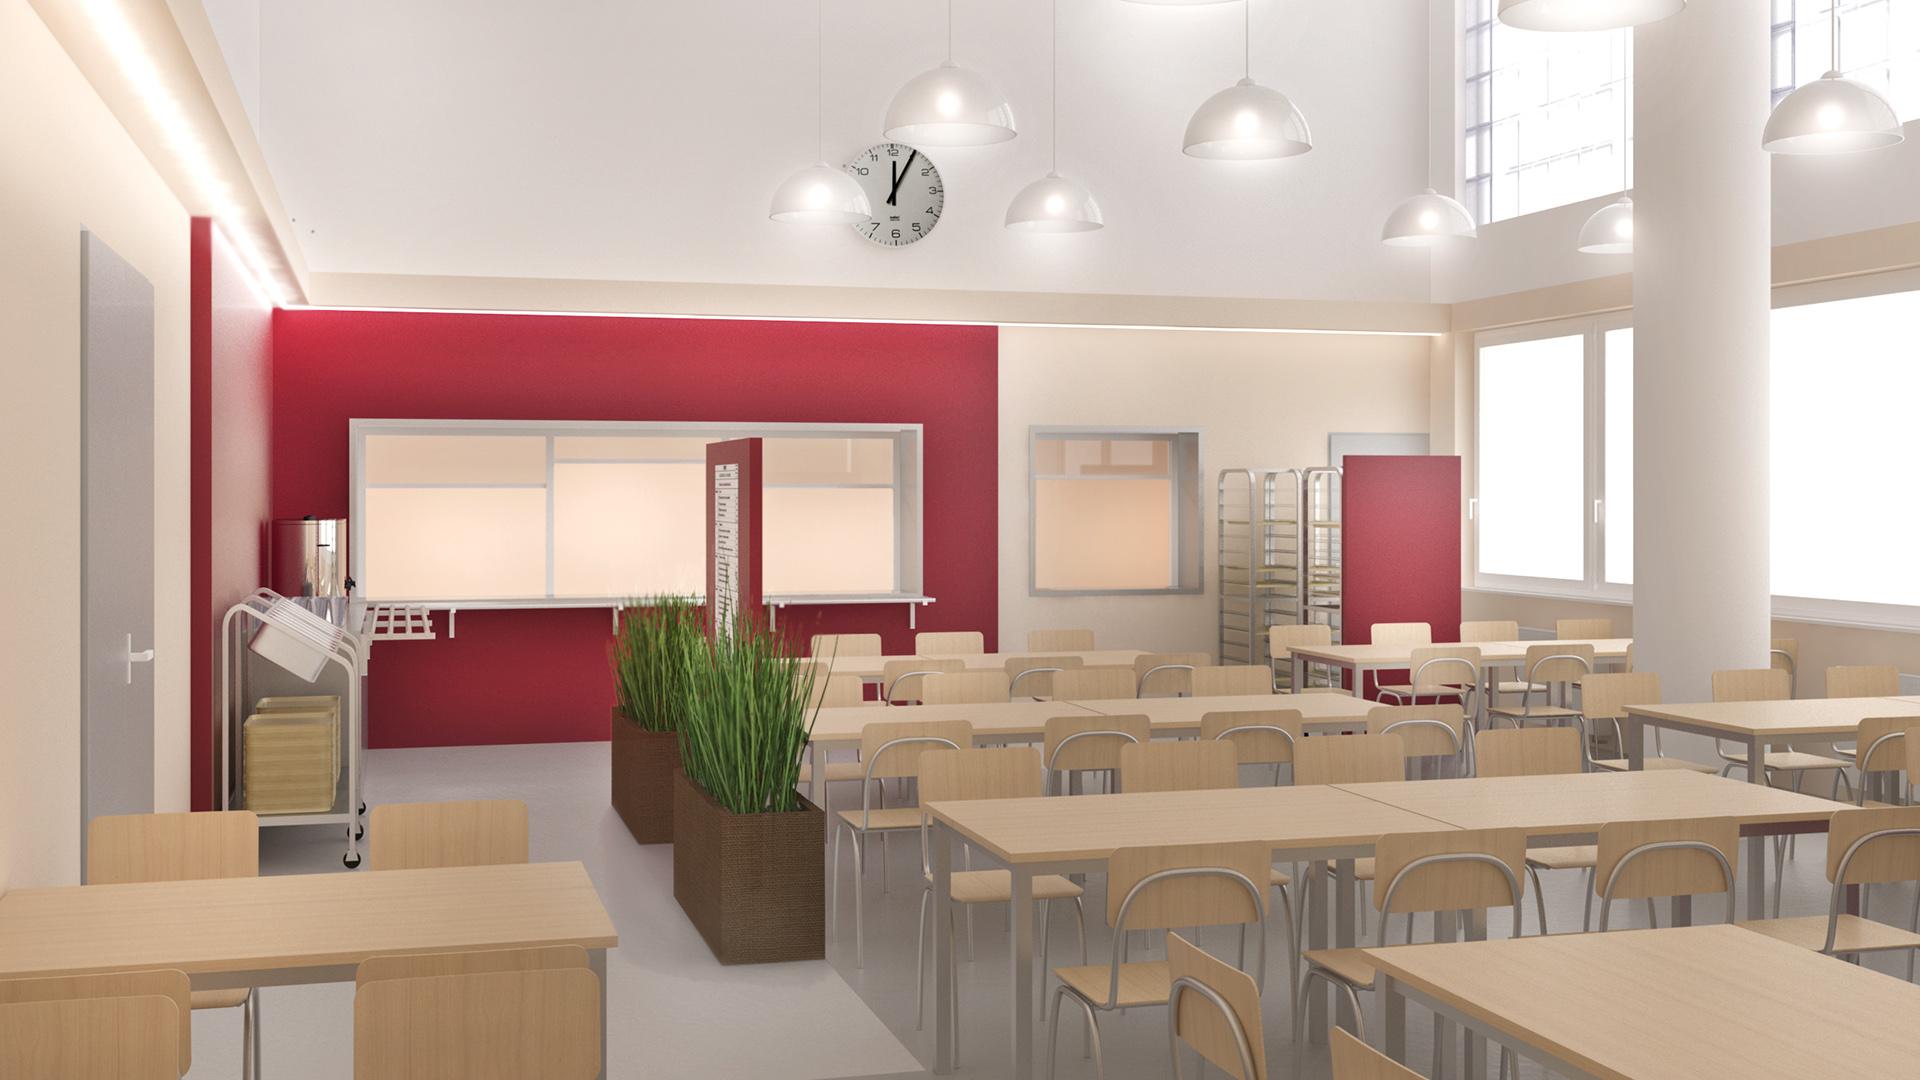 Architektonický návrh řešení rekonstrukce jídelny střední školy v Nuslích. Návrh spočívá v rozdělení místosti opticky svítidlama a designem podlahy z vinylu. Zavěšená svítidla v části